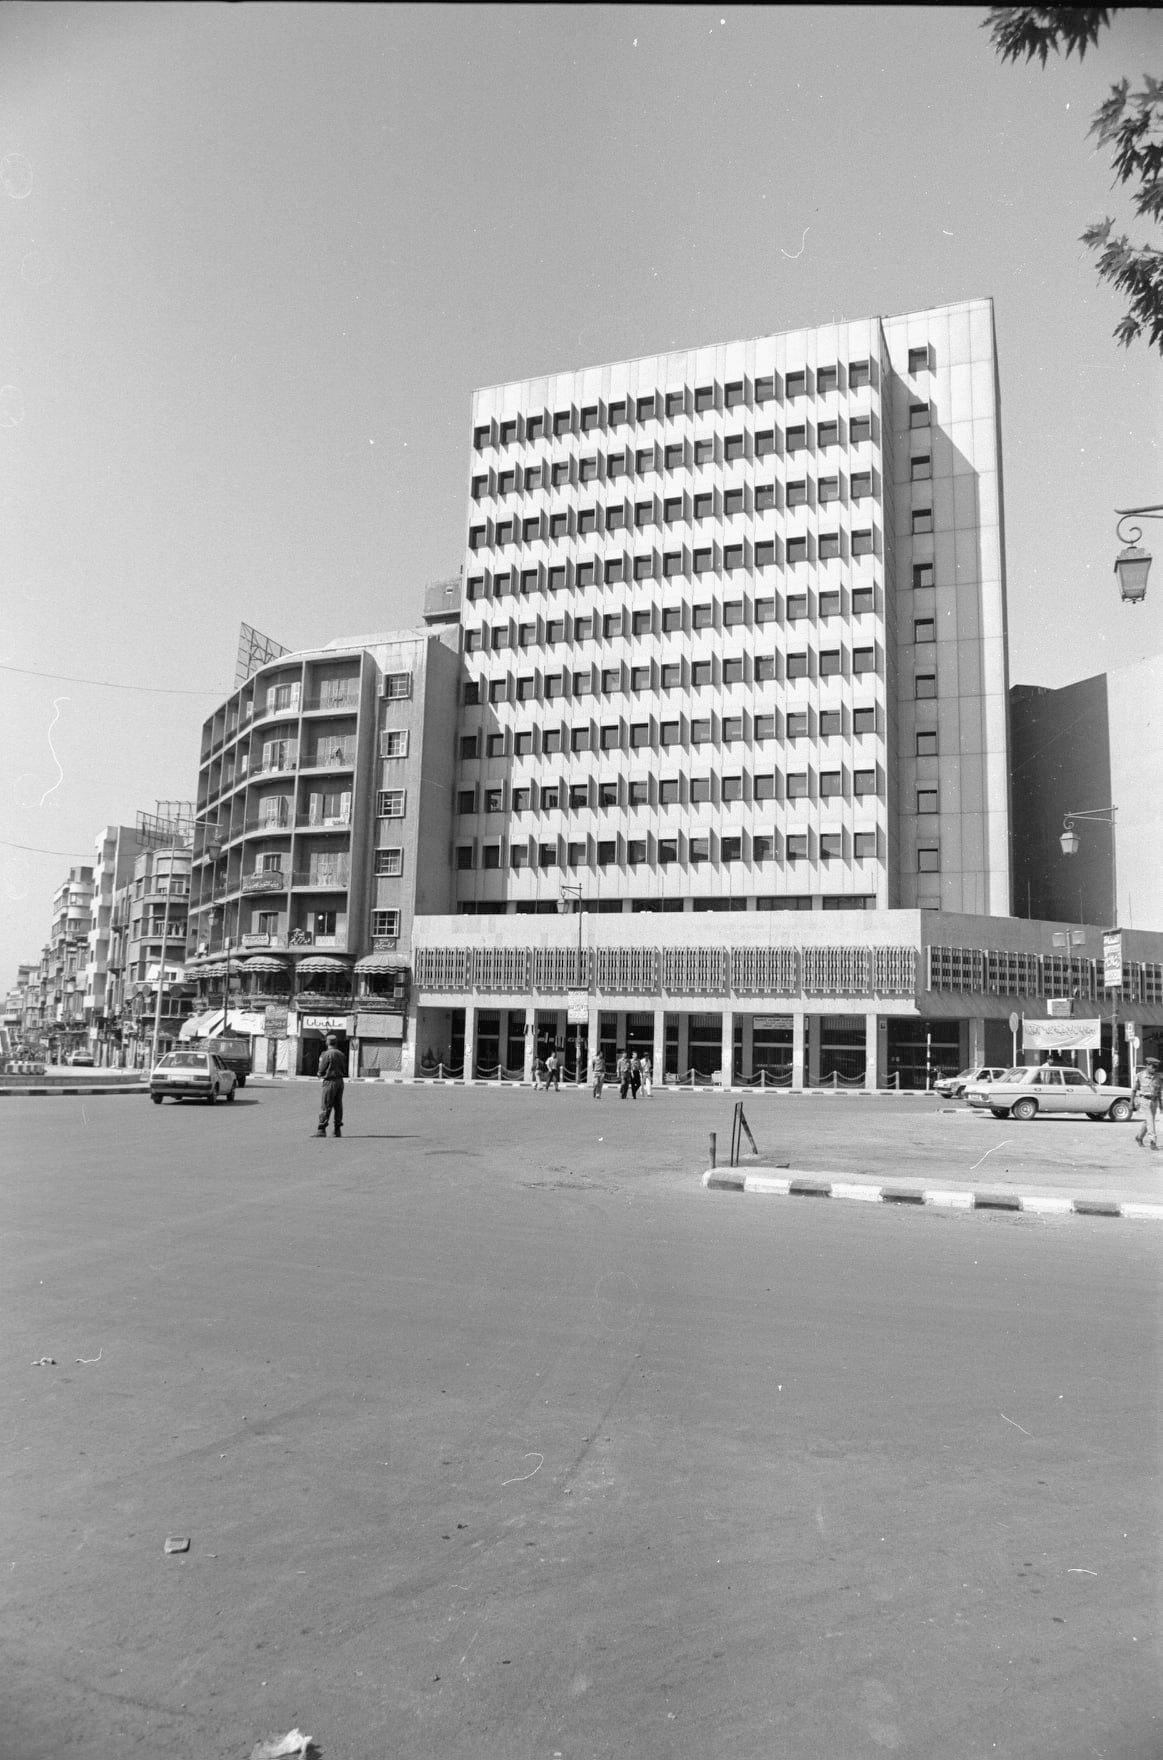 المصرف التجاري السوري - الادارة العامة -دمشق عام 1993